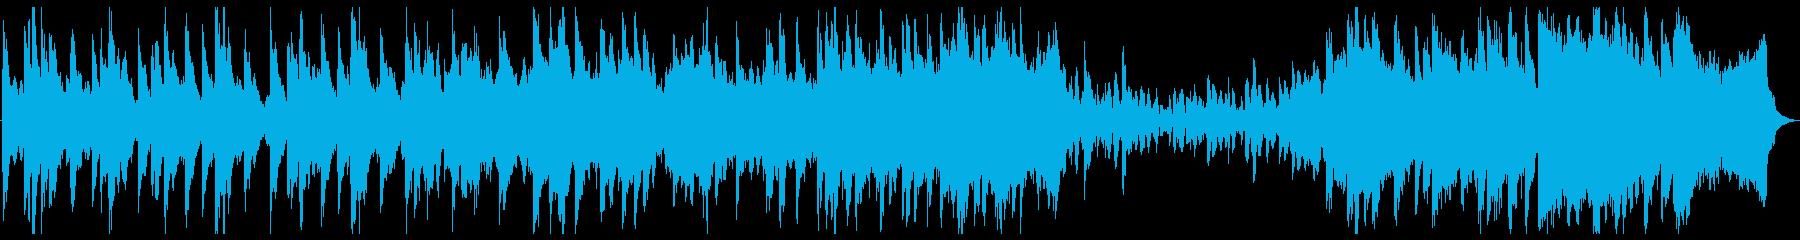 回想シーン 思い出 一息 丸いピアノの再生済みの波形